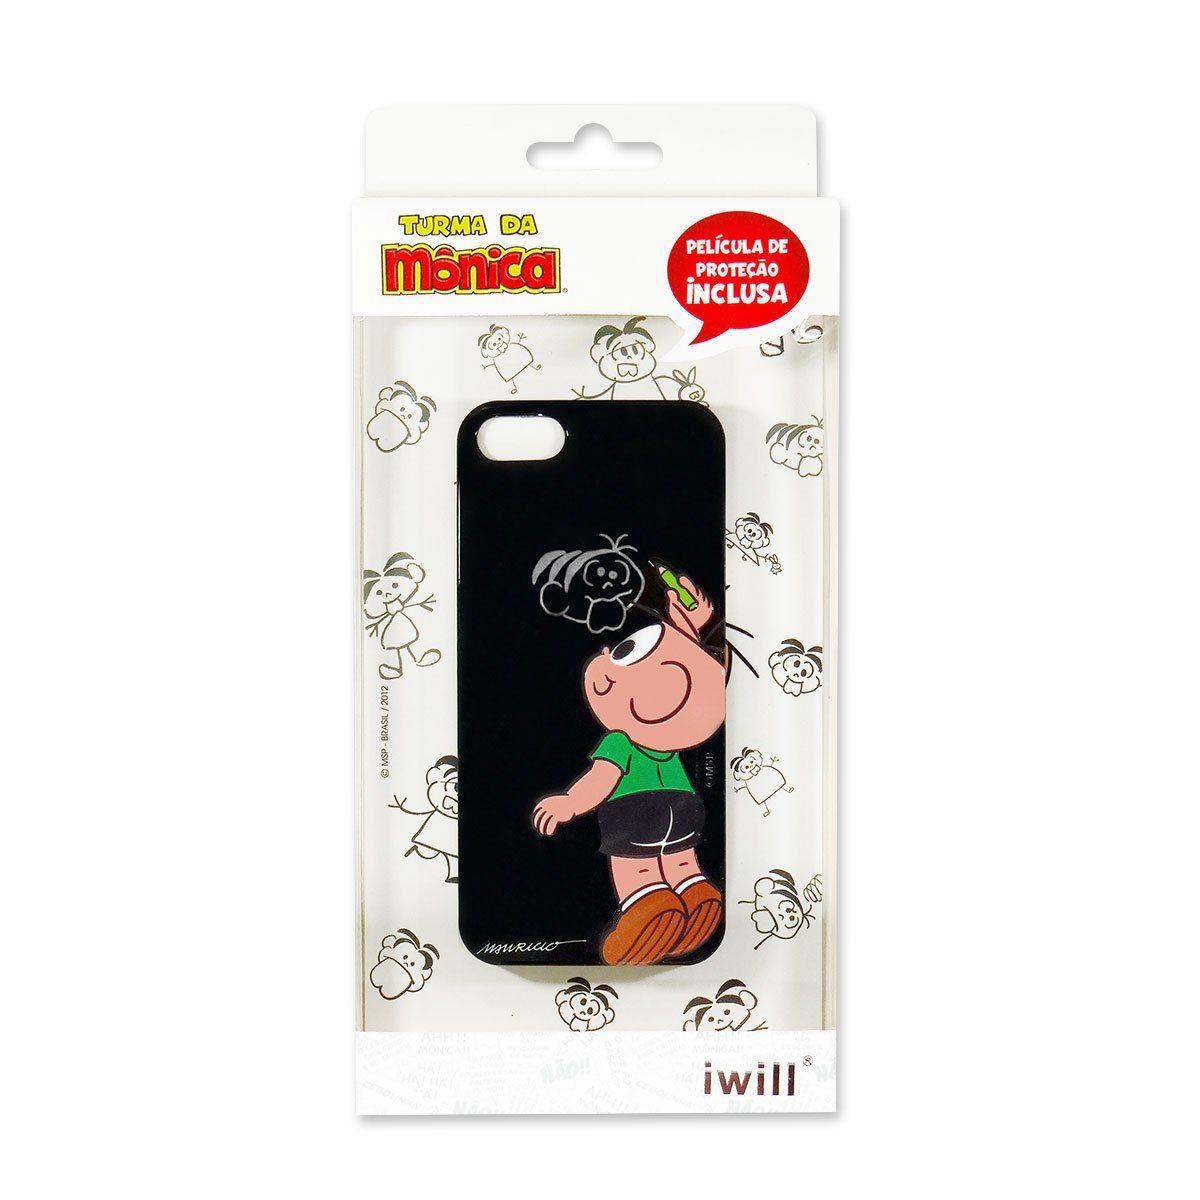 Capa Para iPhone Turma da Mônica - Cebolinha